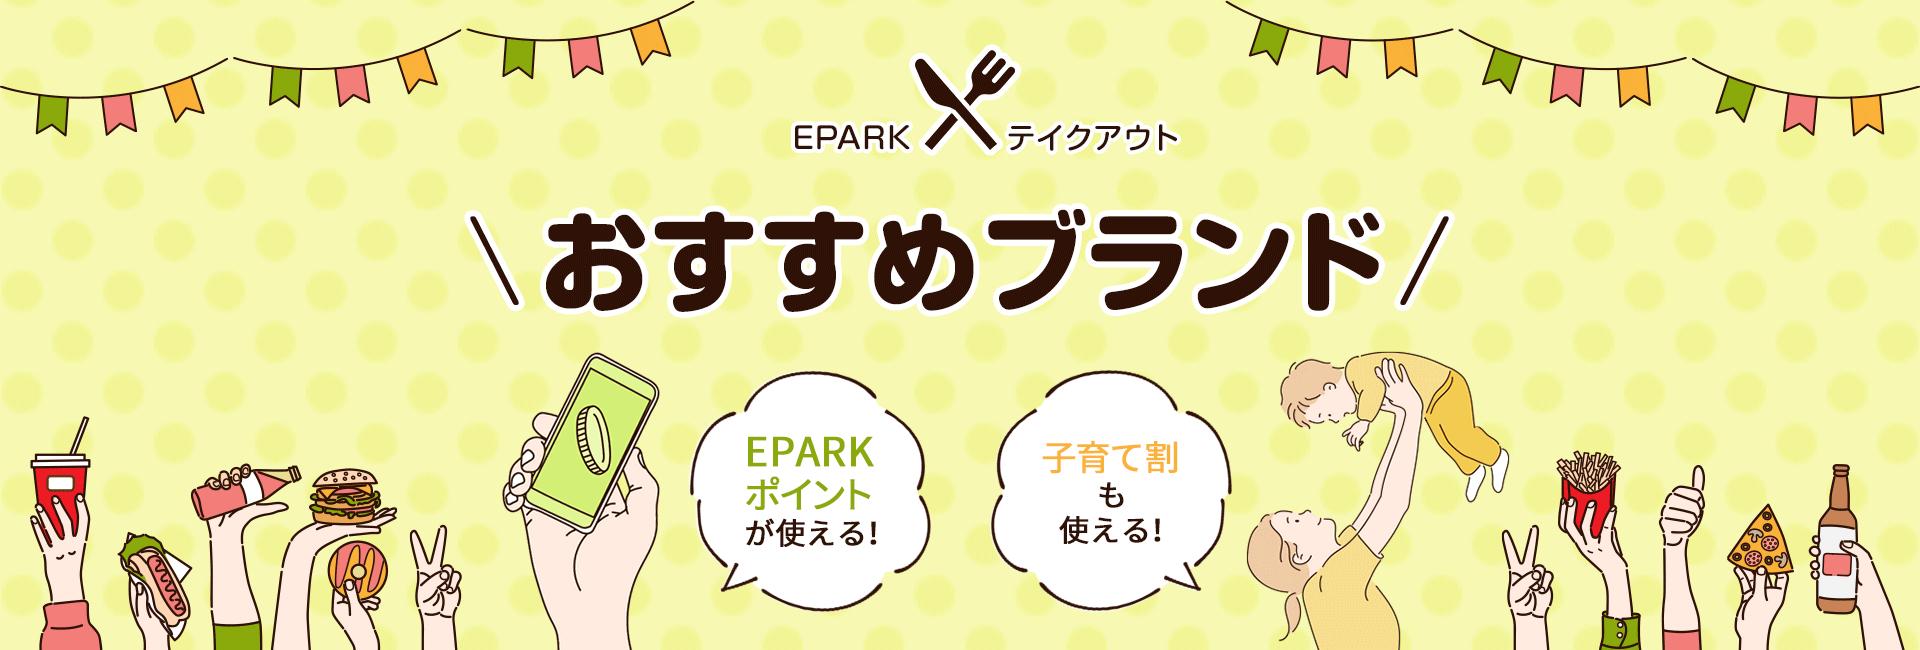 EPARテイクアウト おすすめブランド